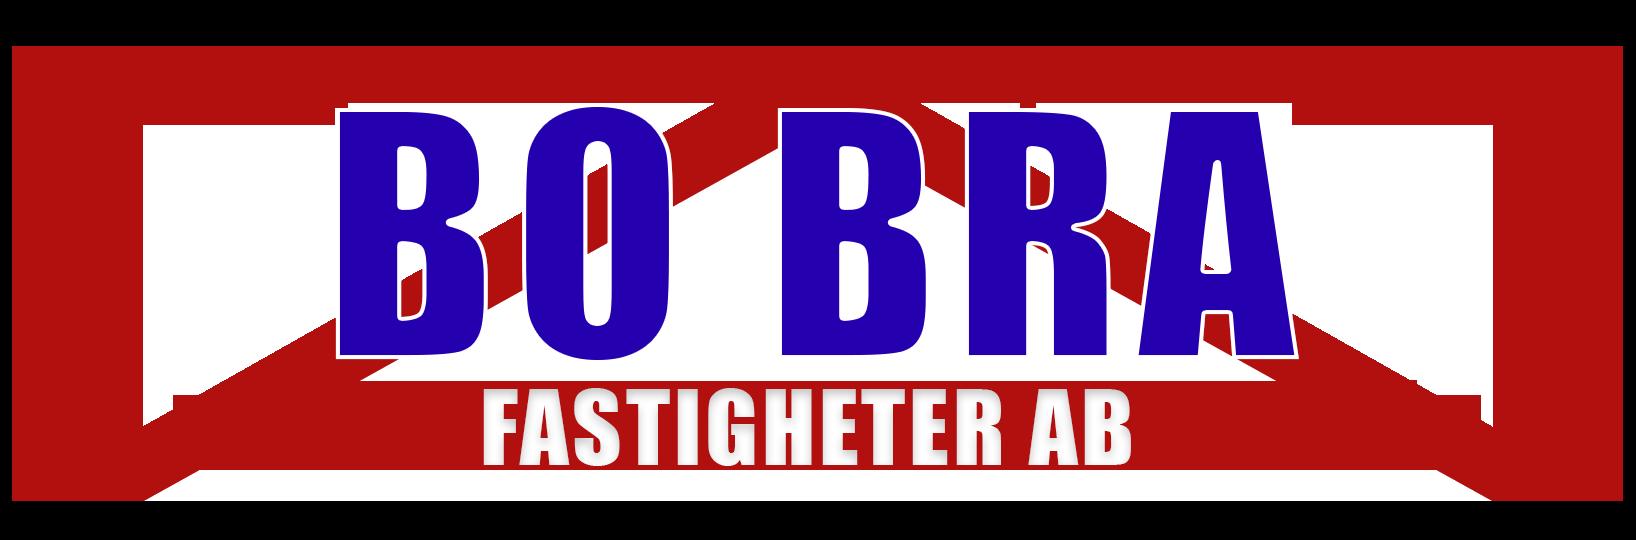 Bo Bra Fastigheter AB-Bostäder och Lokaler i Arvidsjaur